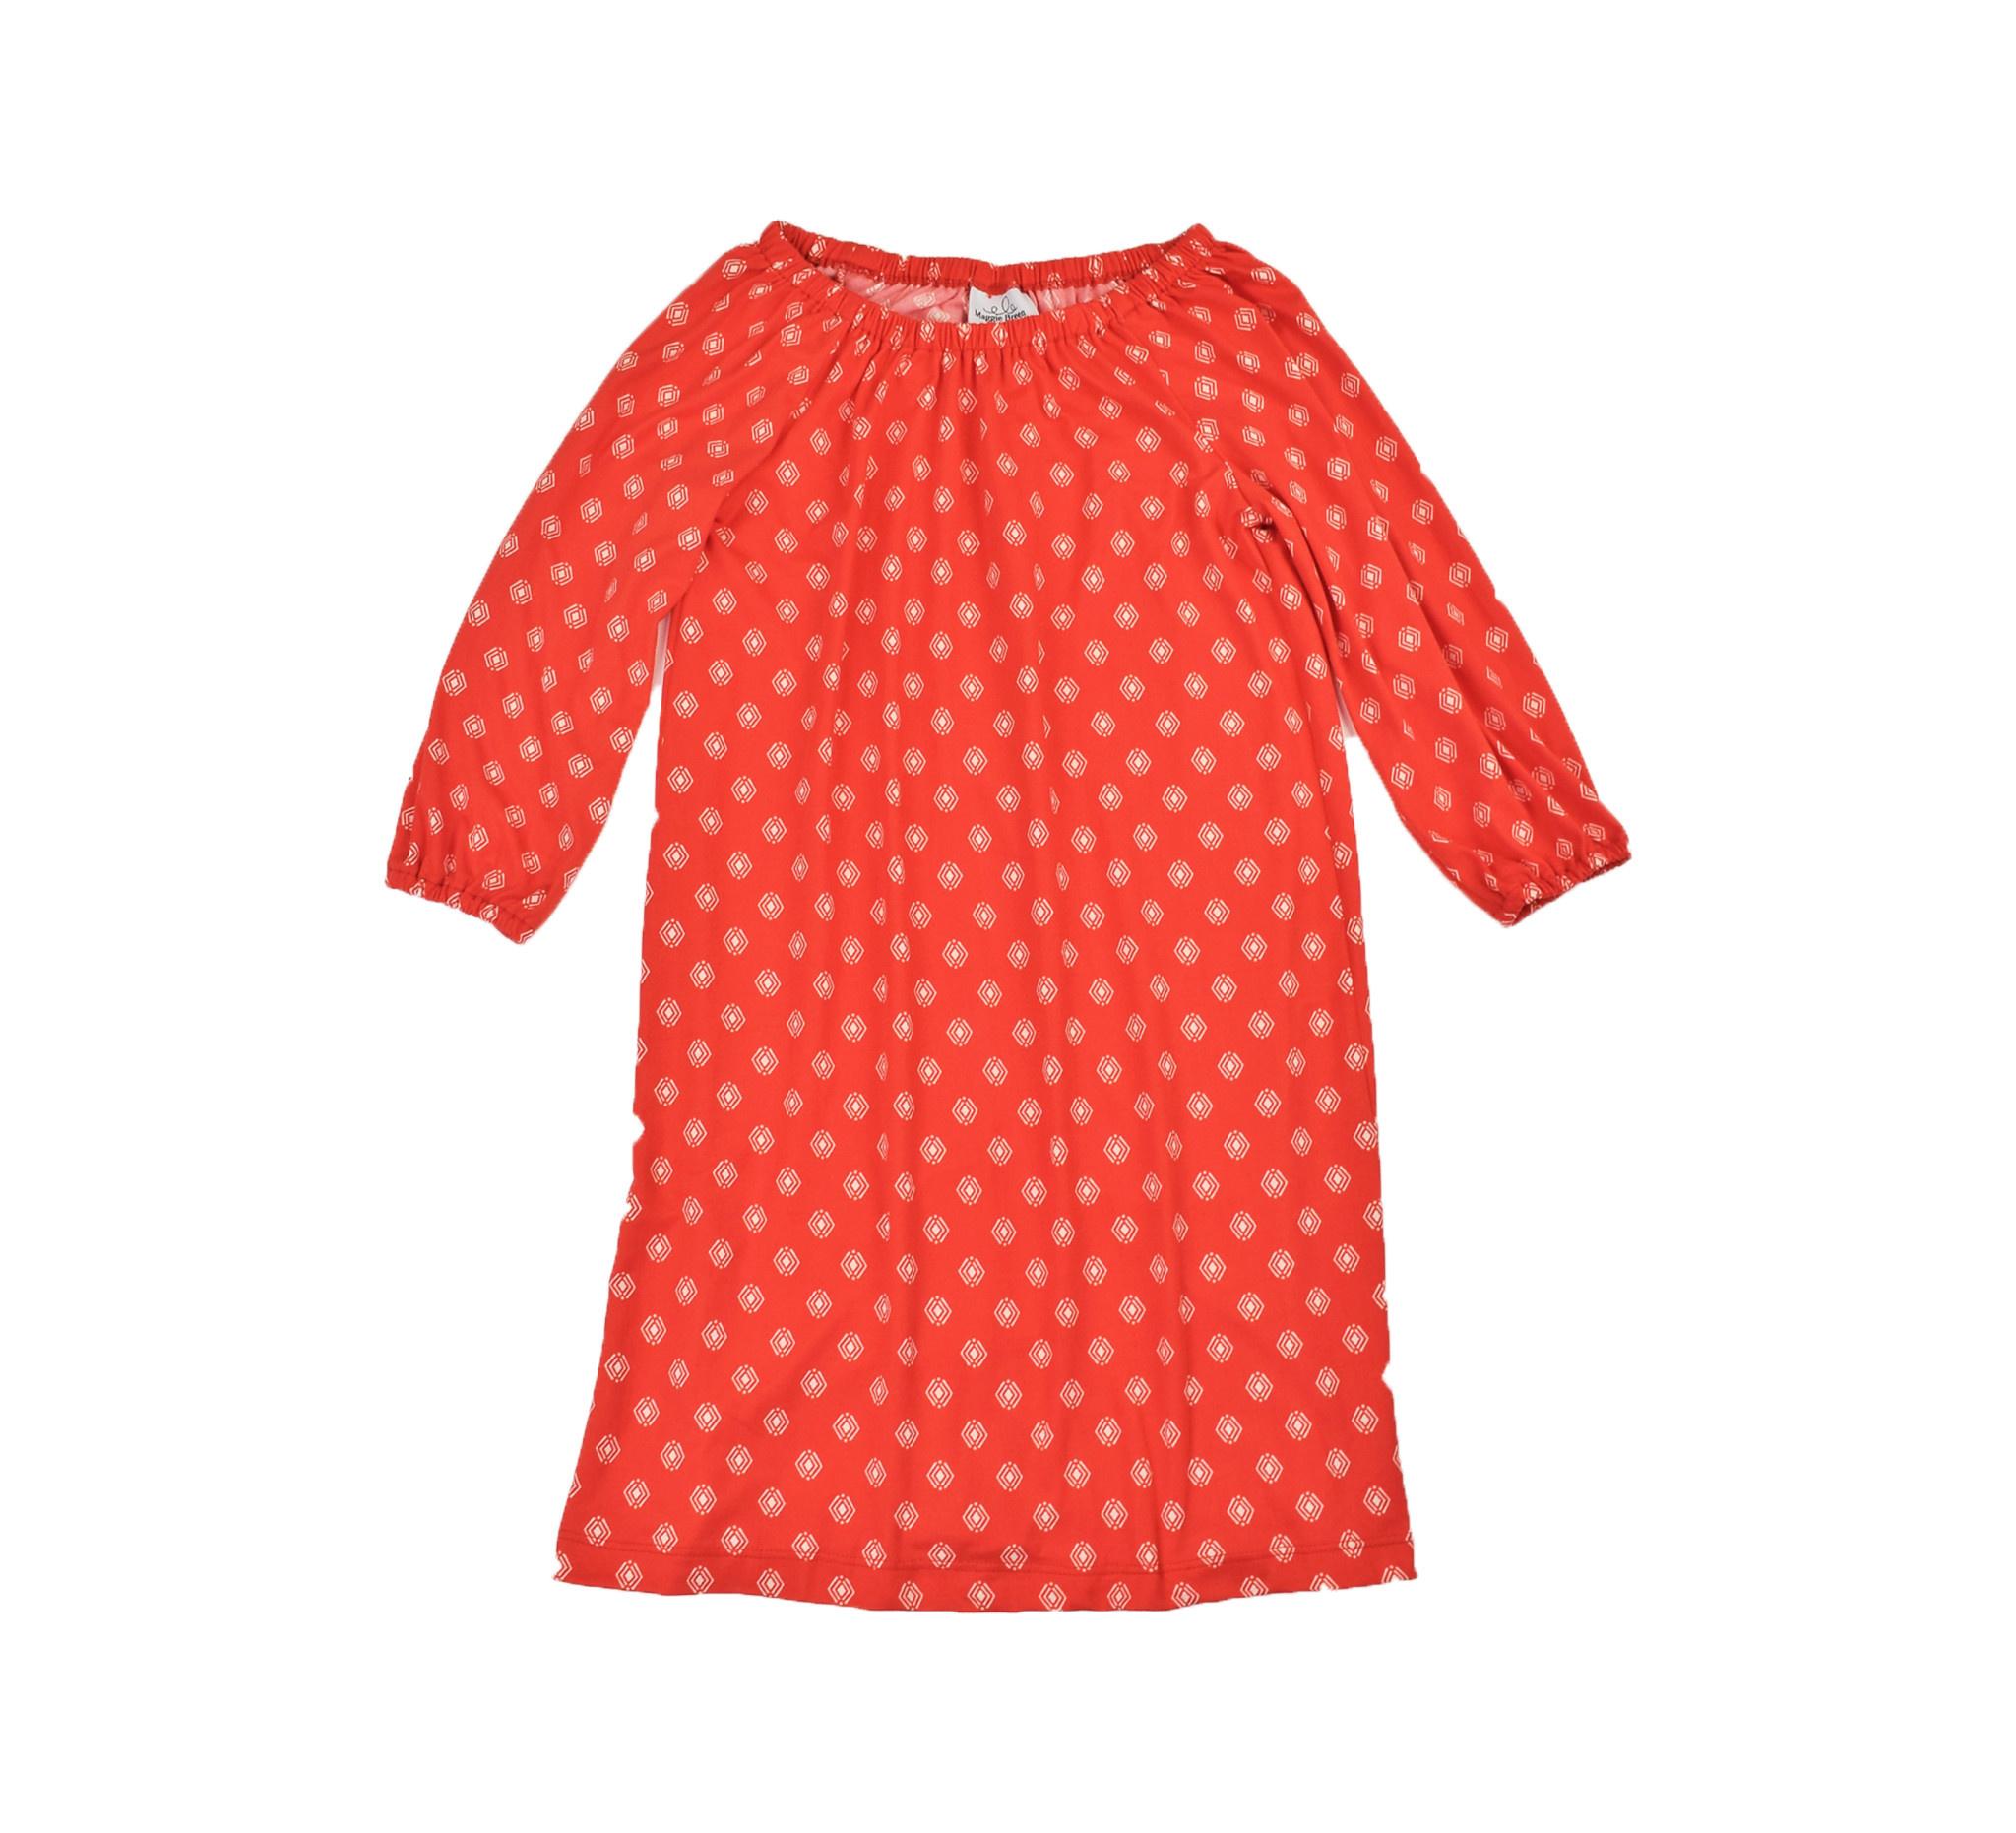 Maggie Breen Red Diamond Print Knit Dress